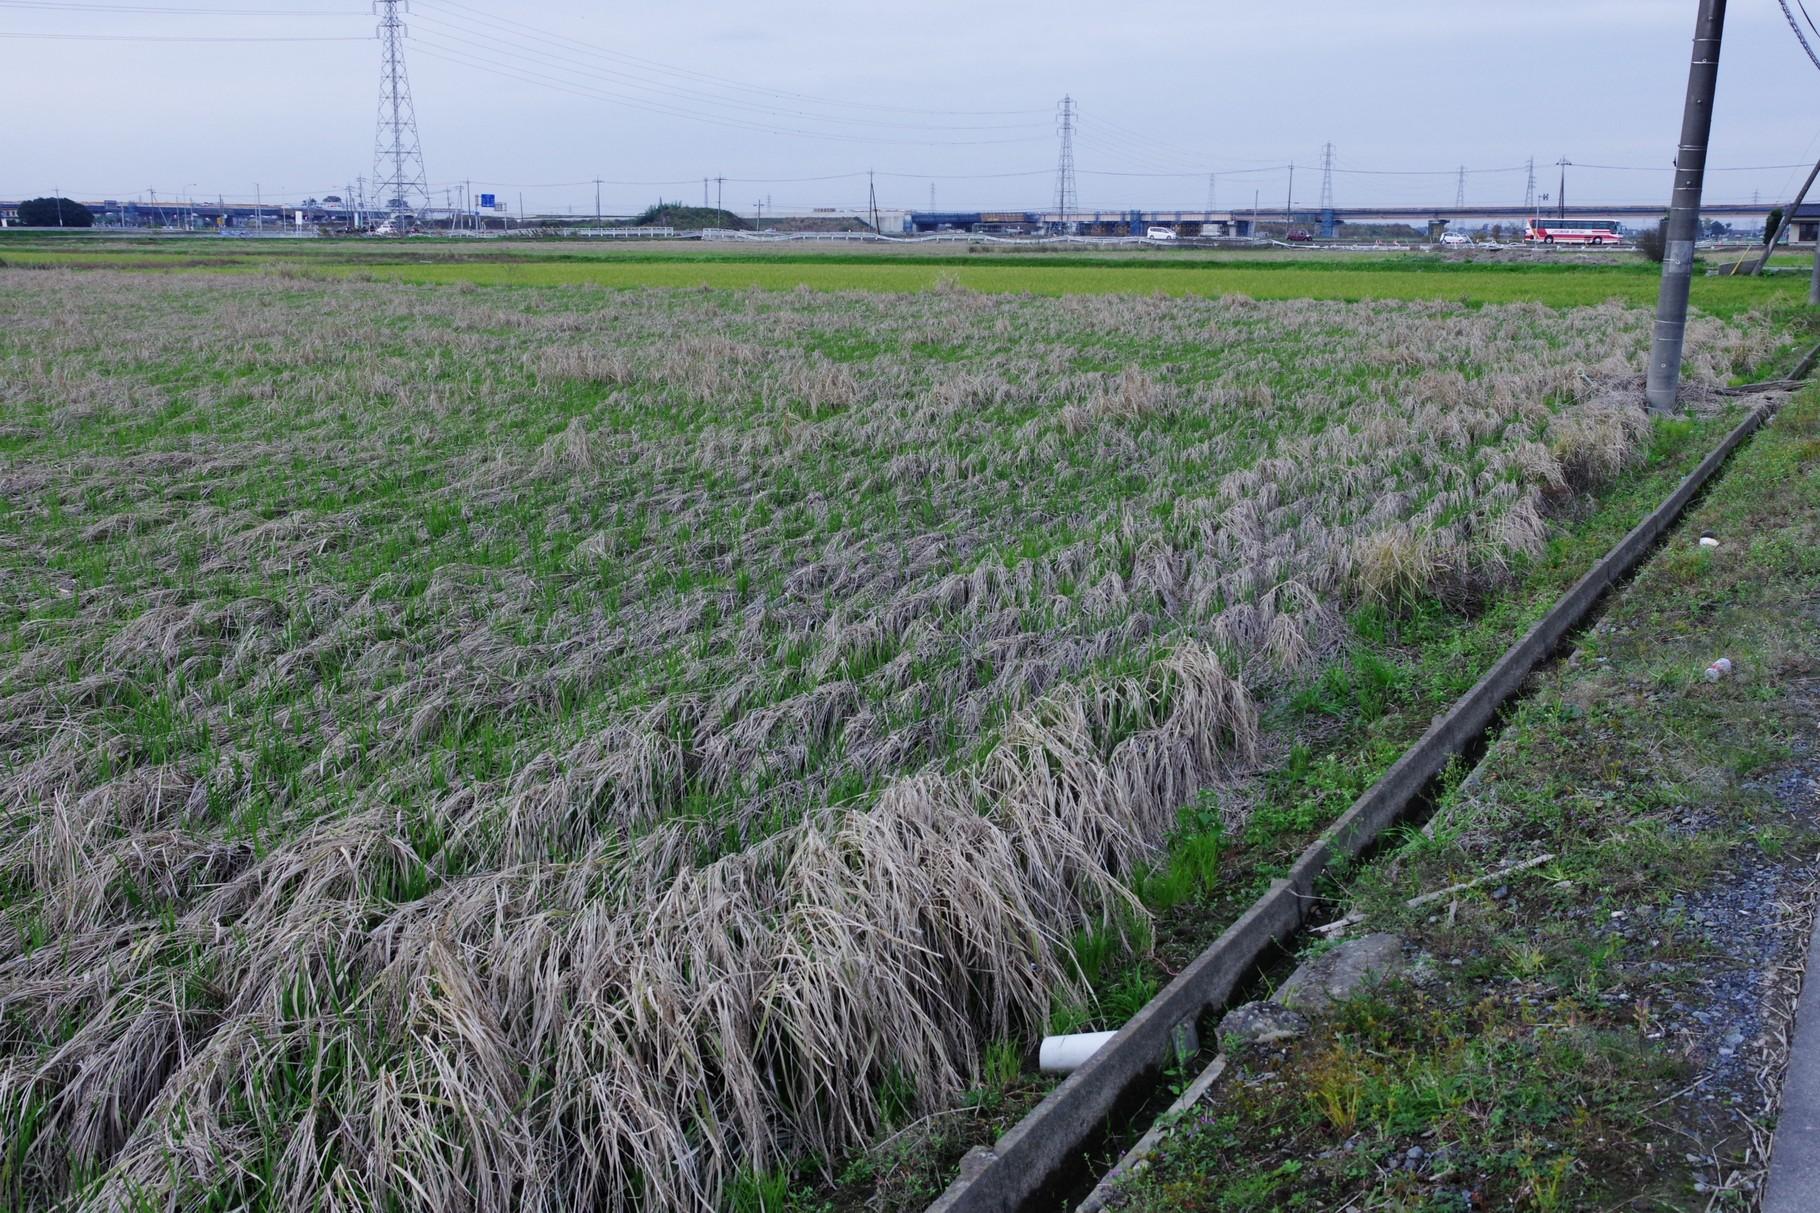 迫ってきた氾濫水の方向を示す稲穂